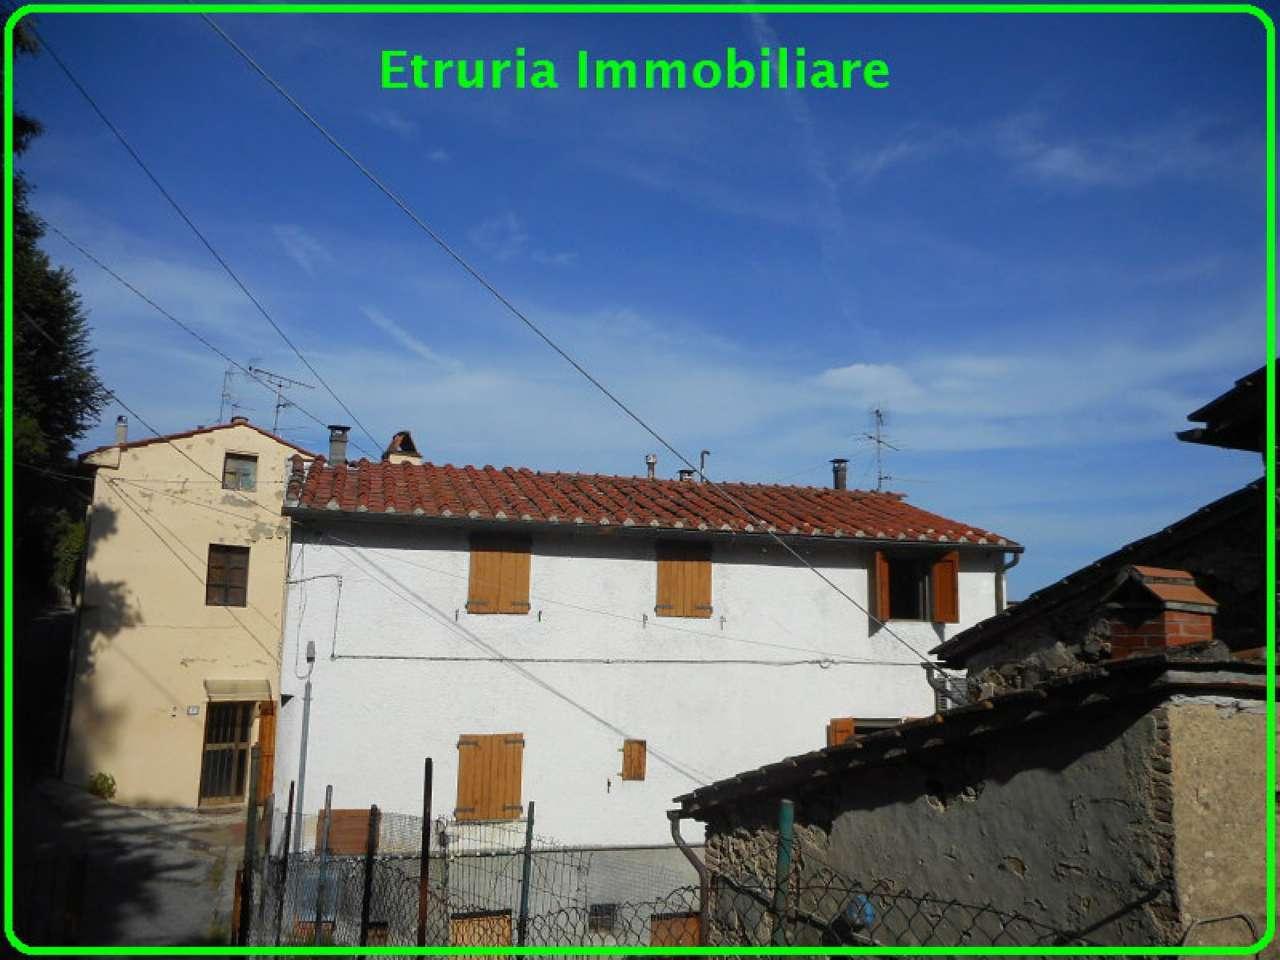 Palazzo / Stabile in vendita a Pistoia, 9 locali, prezzo € 115.000 | Cambio Casa.it